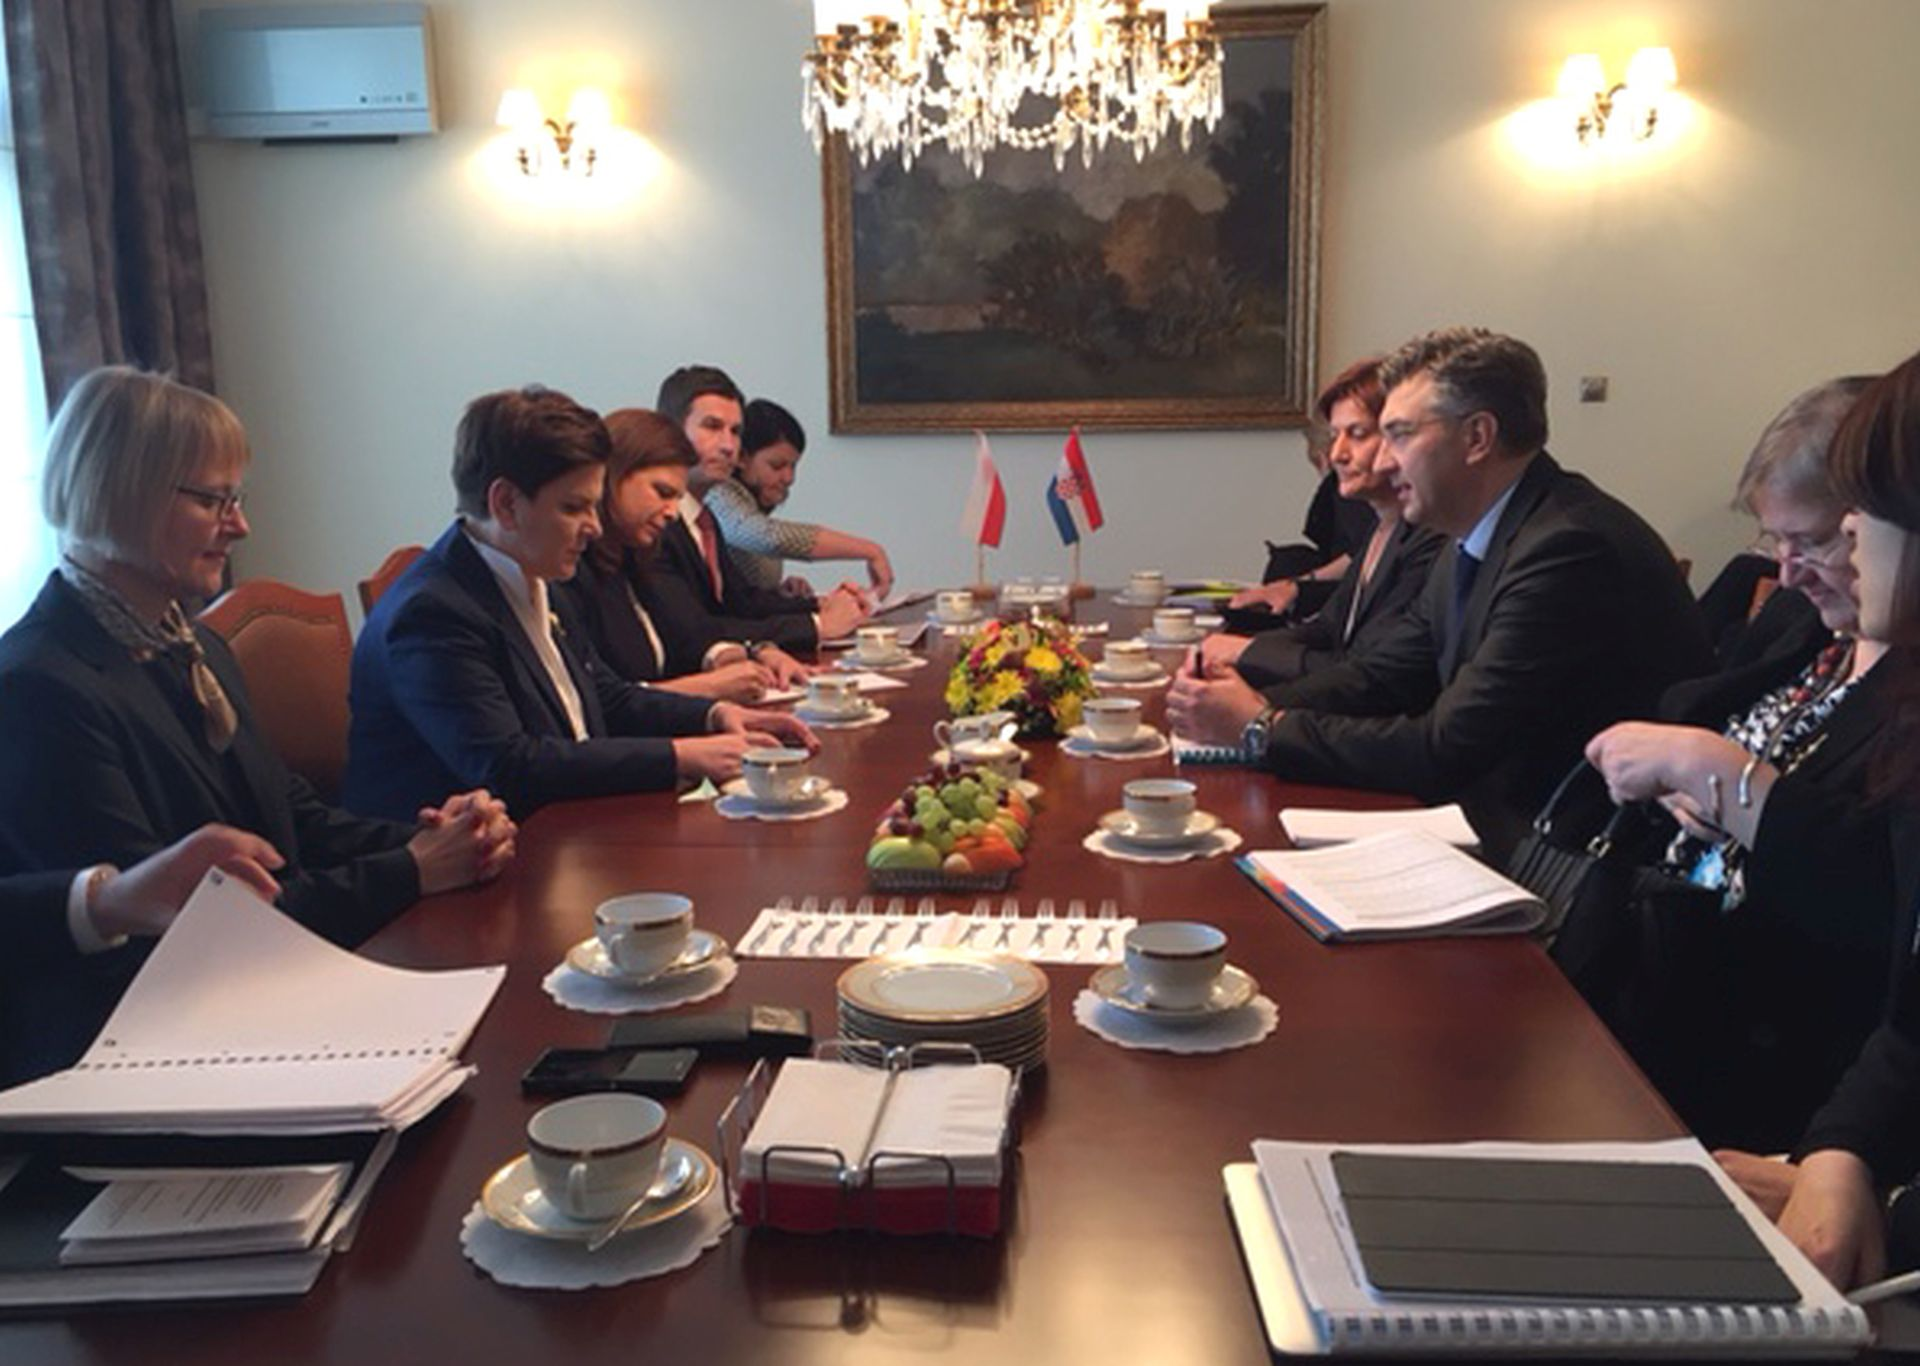 PLENKOVIĆ I SZYDLO: Hrvatska i Poljska mogu bolje gospodarski surađivati